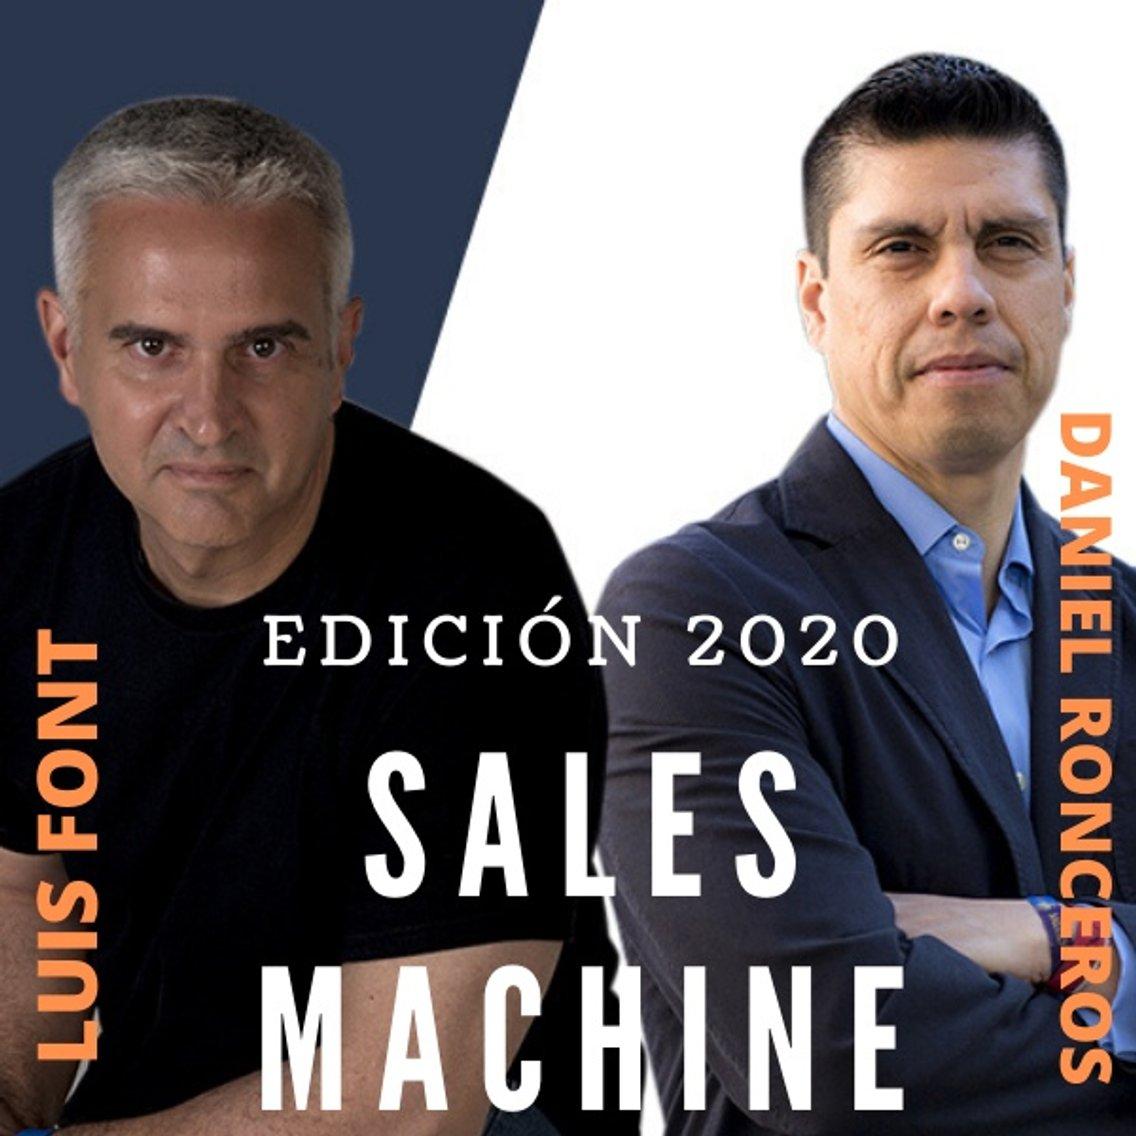 Sales Machine - immagine di copertina